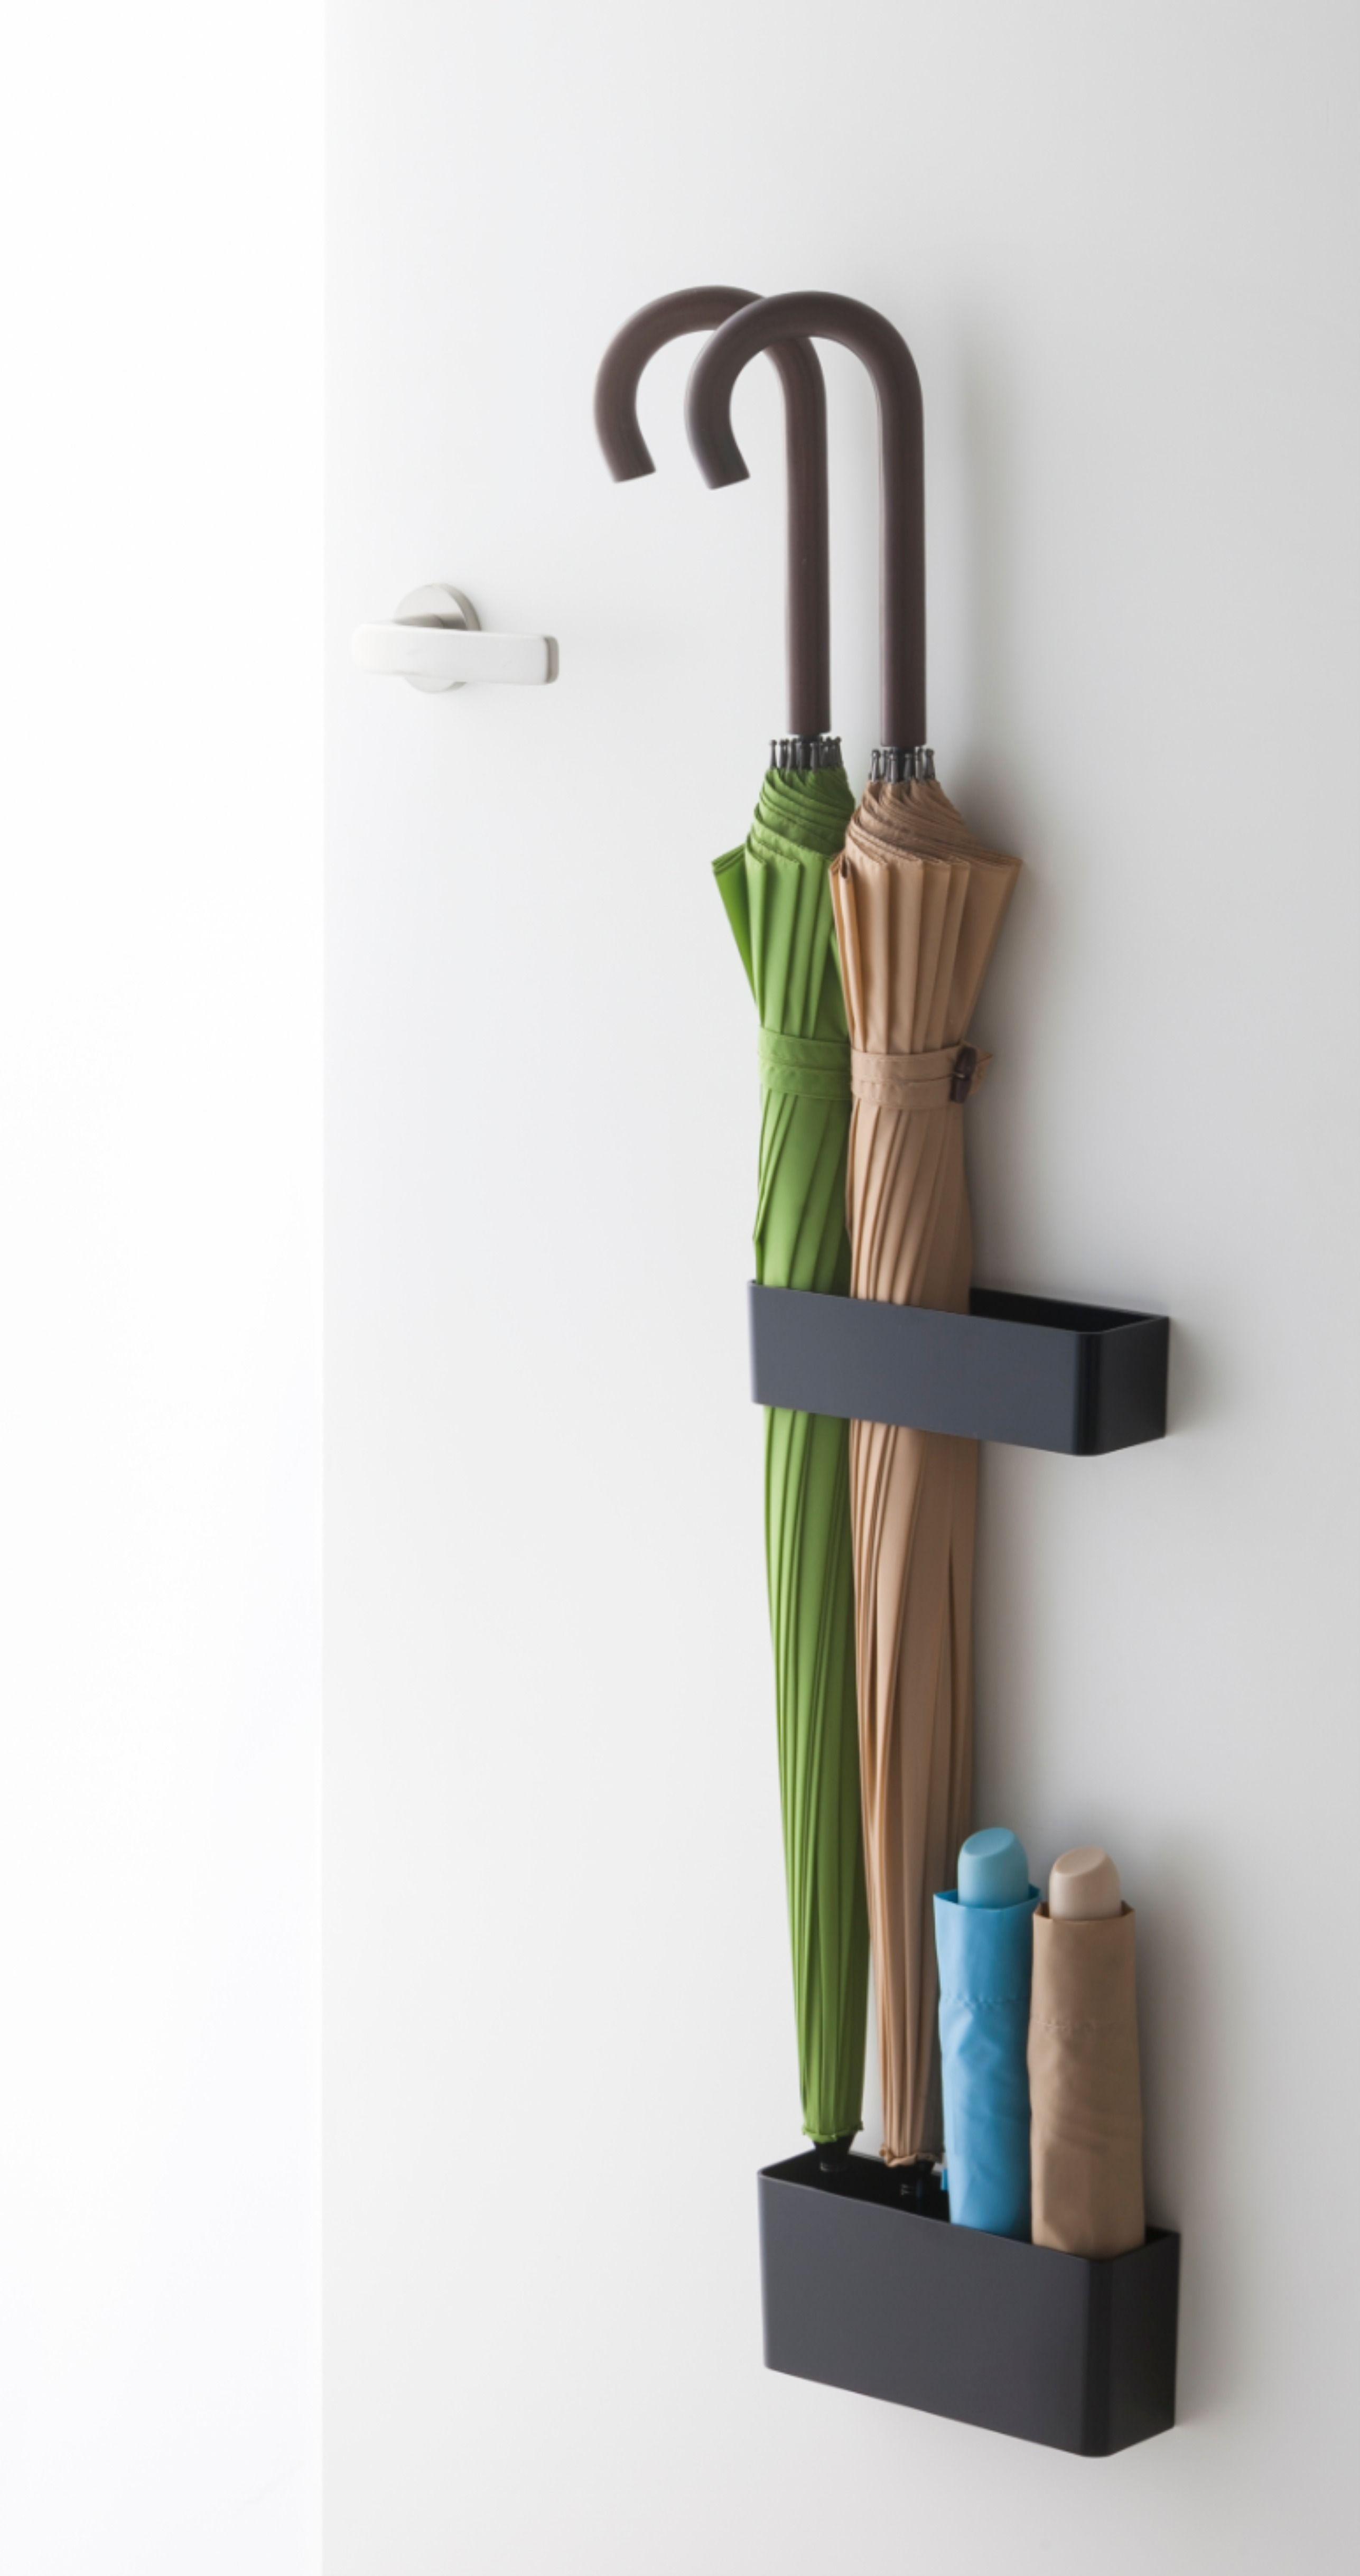 磁石で玄関ドアに取り付けるタイプの傘立て 傘立てスペースの確保が